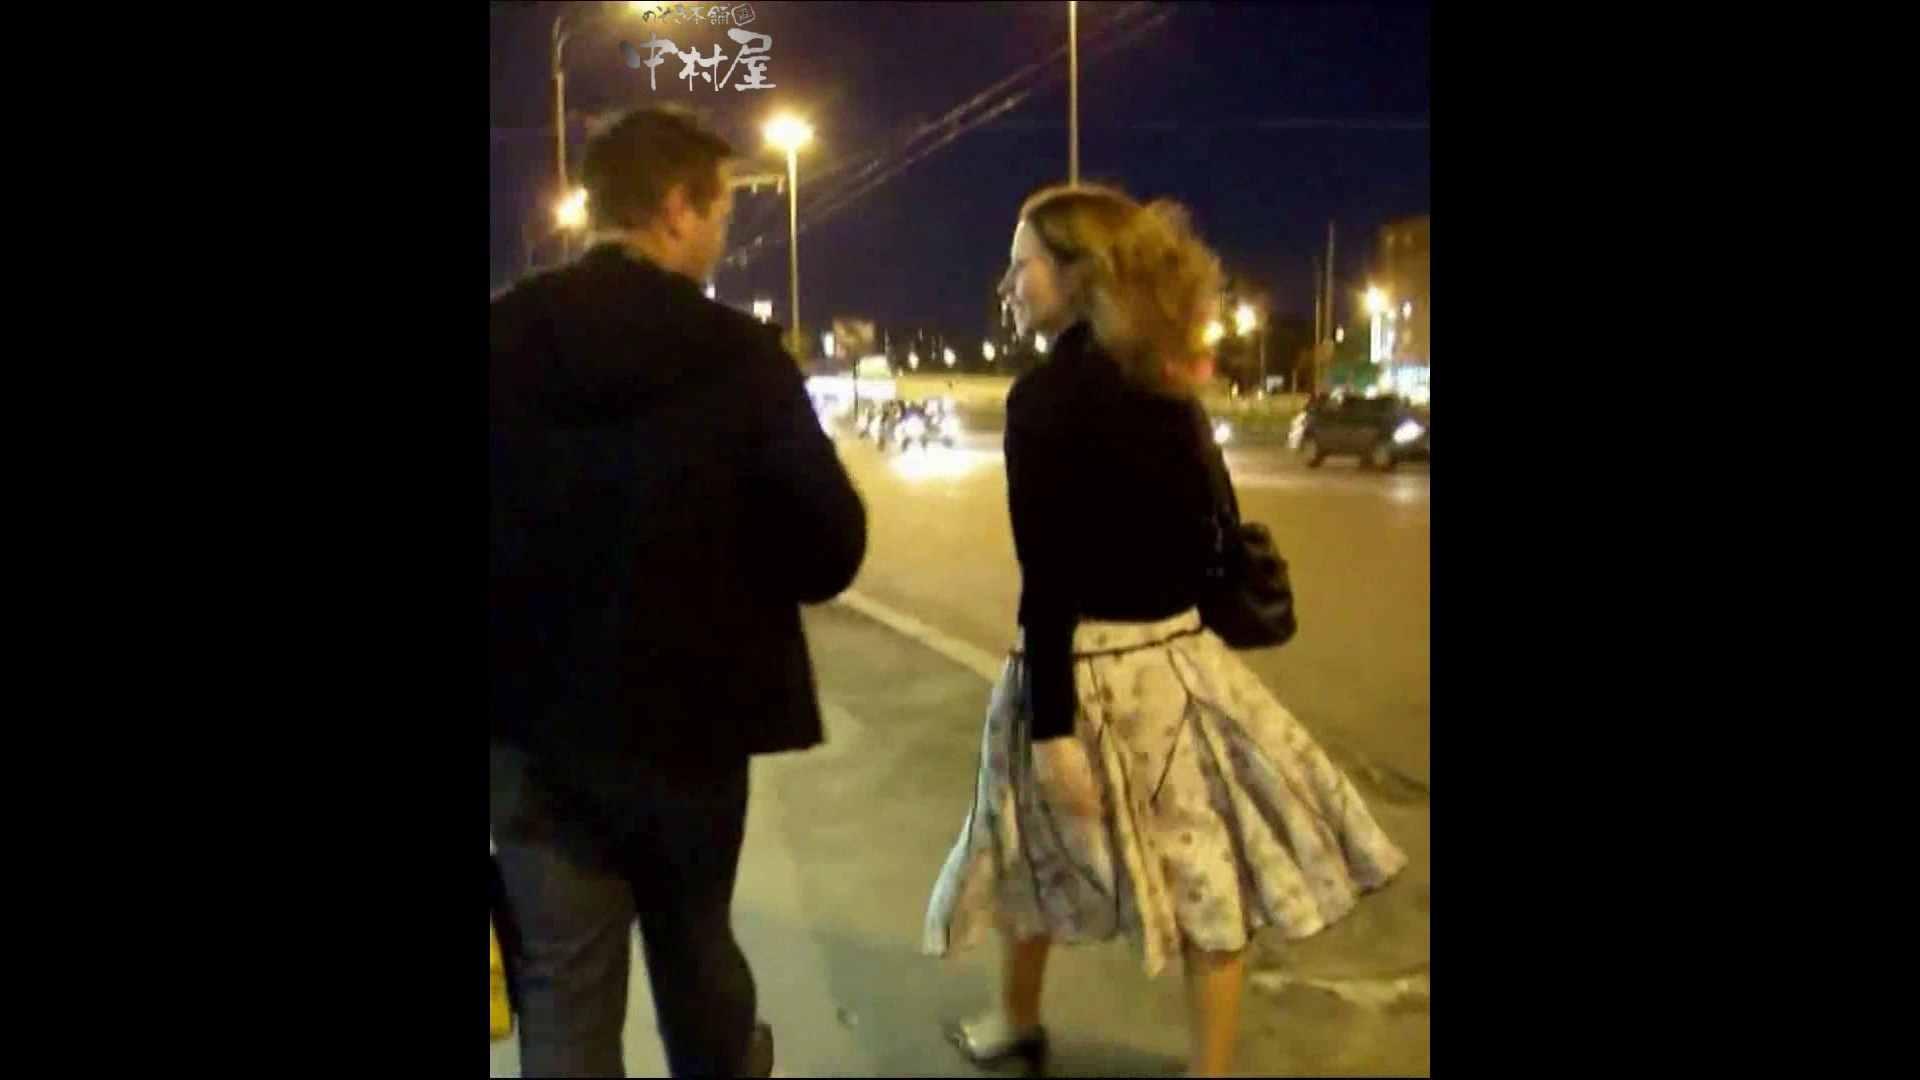 綺麗なモデルさんのスカート捲っちゃおう‼ vol17 お姉さんのエロ動画  94PIX 60